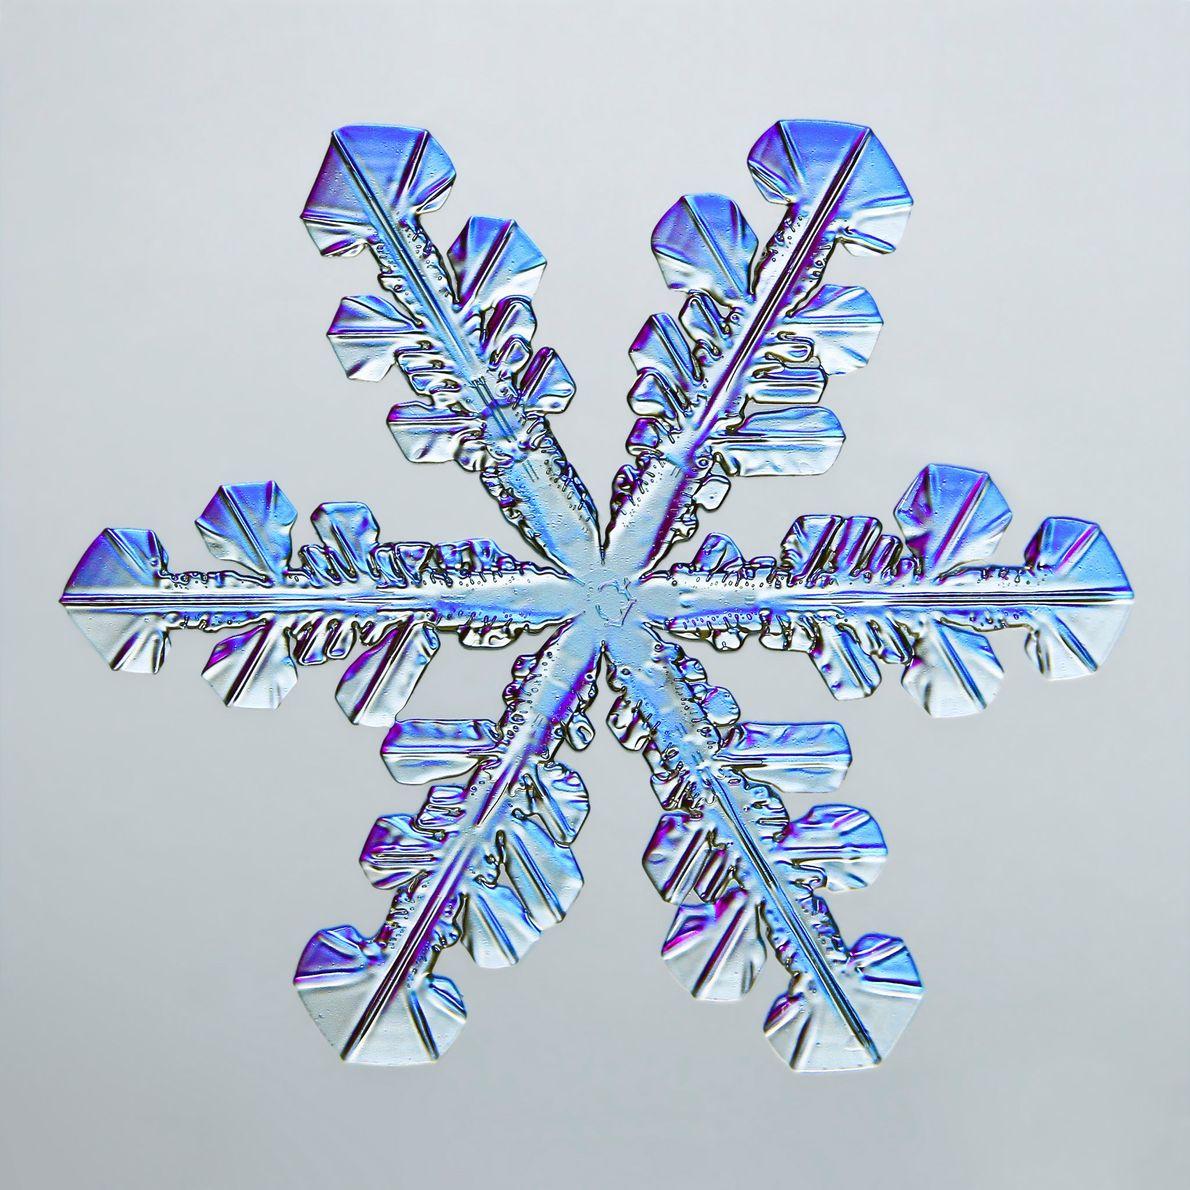 Esta imagen tomada por Caleb Foster, de Vermont, muestra las numerosas facetas hexagonales de un brillante ...